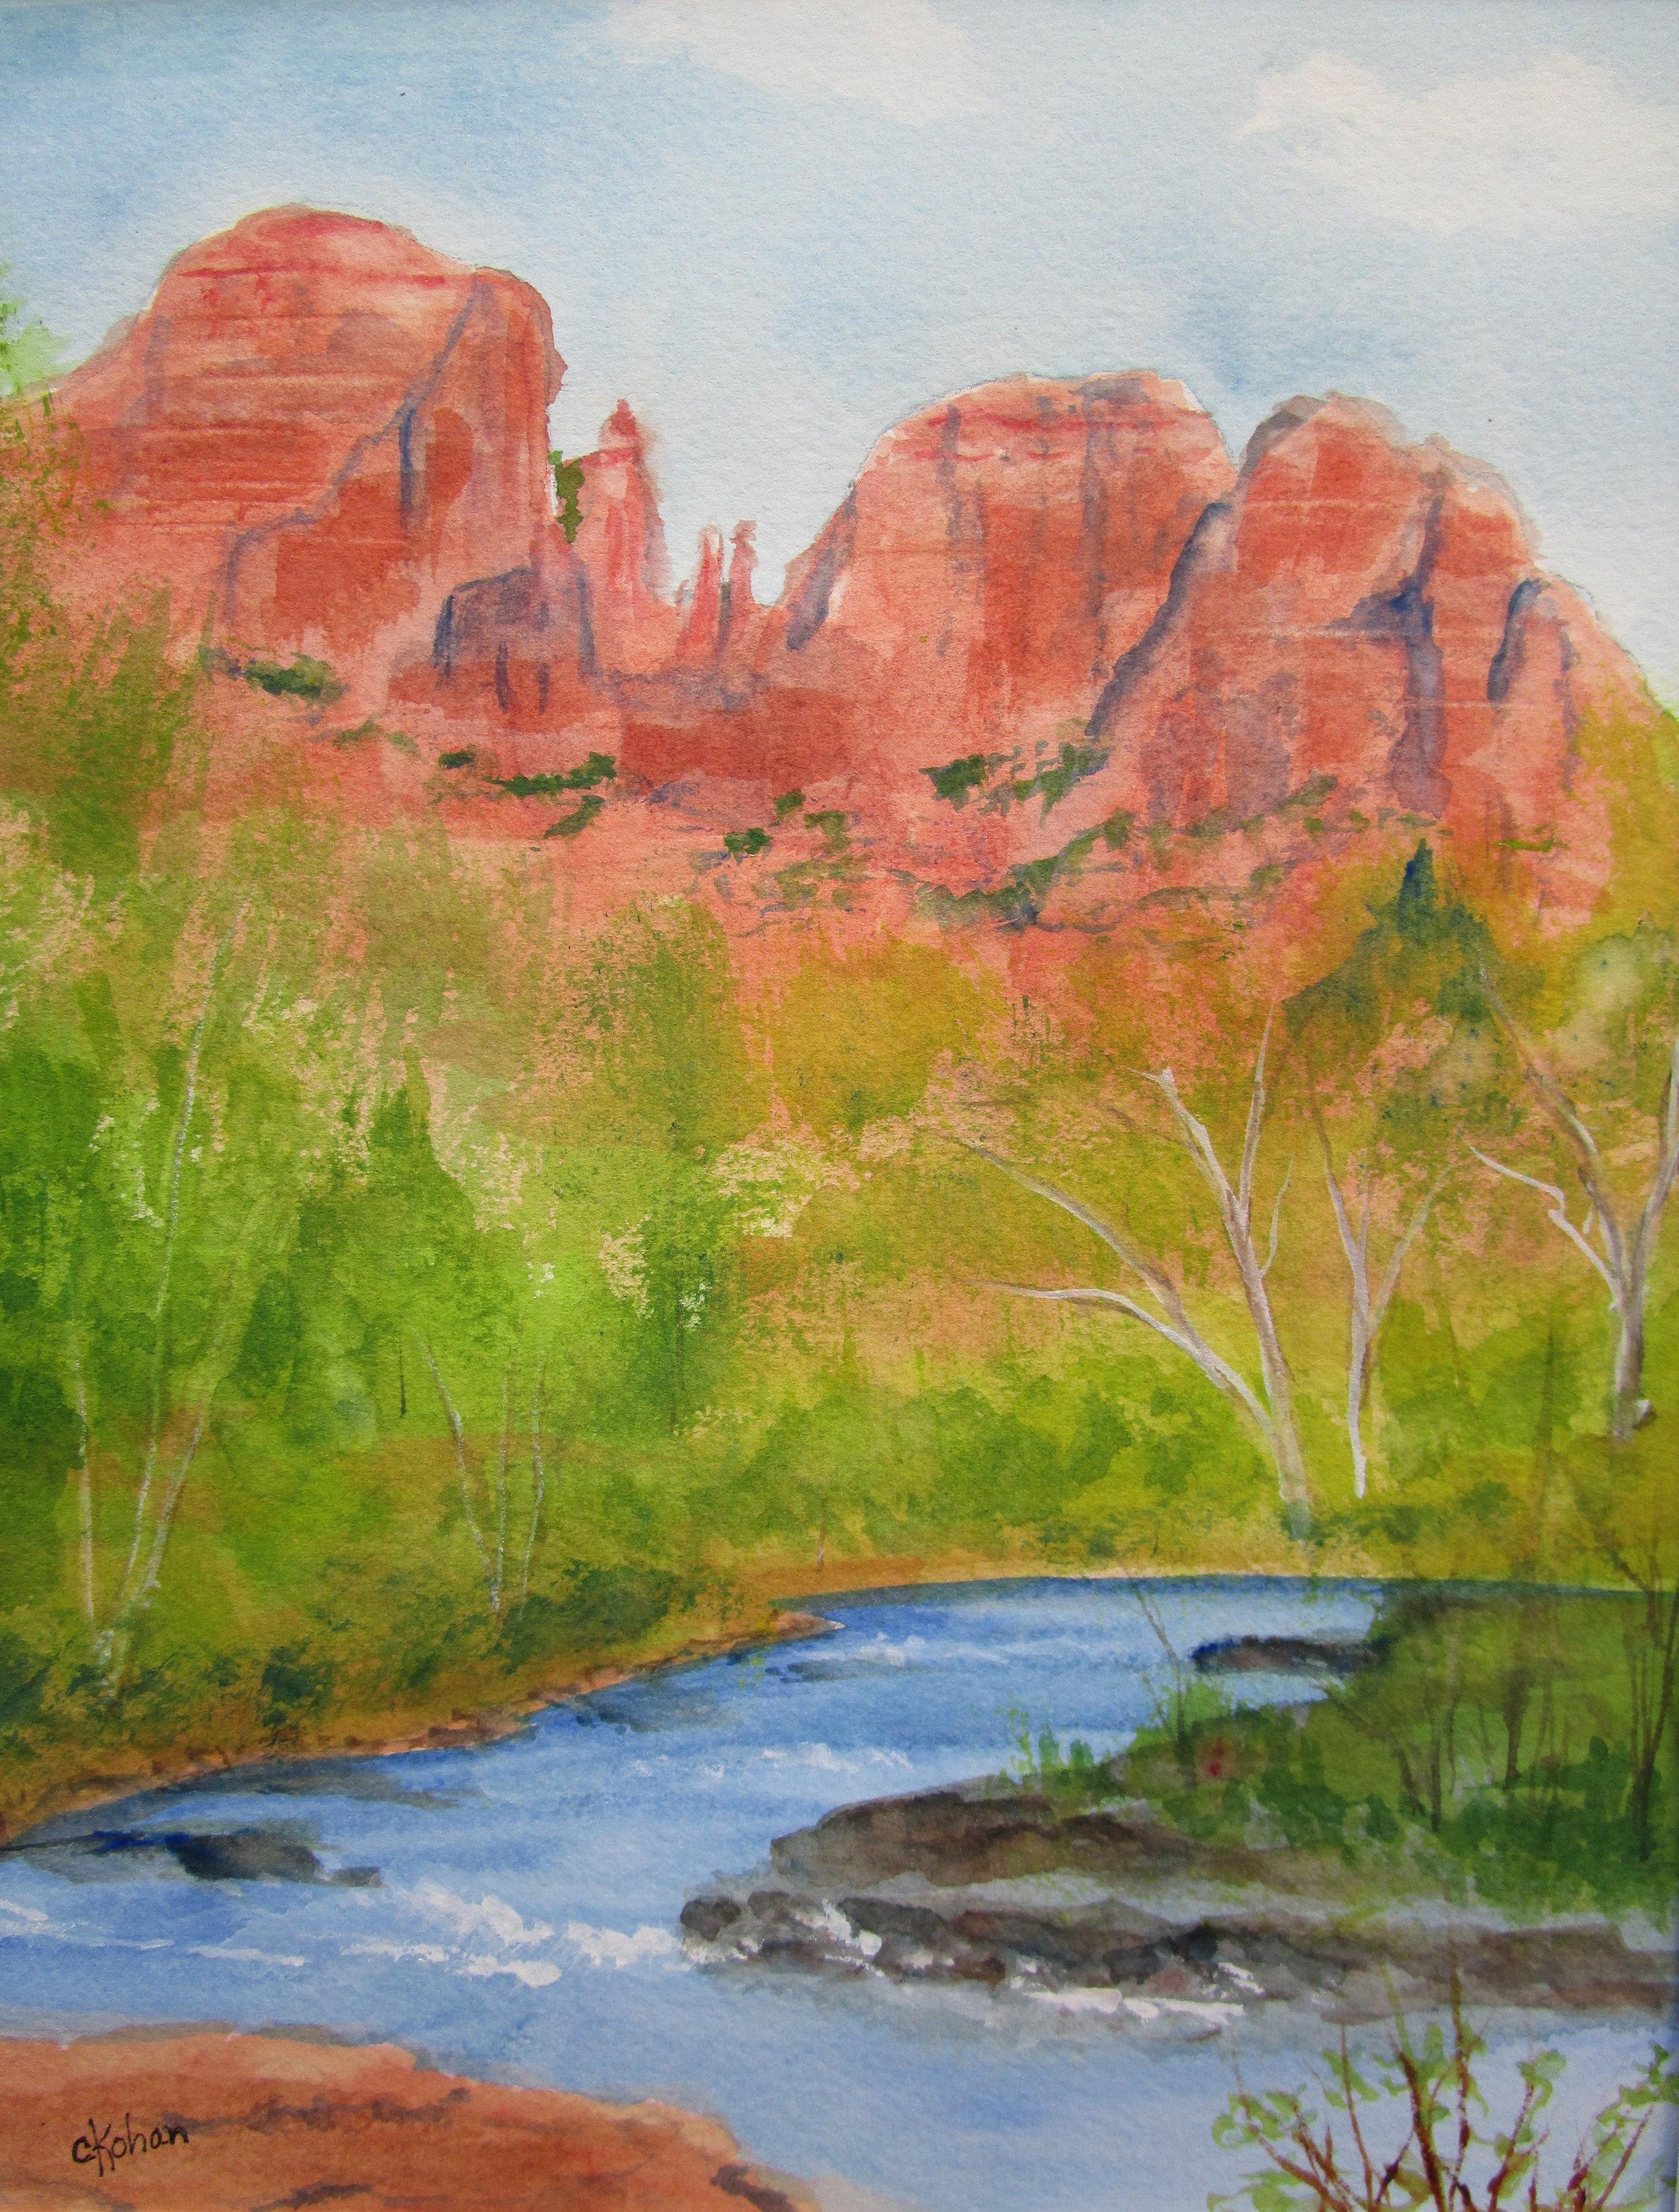 Cathedral Rock, AZ, by Carol Kohan